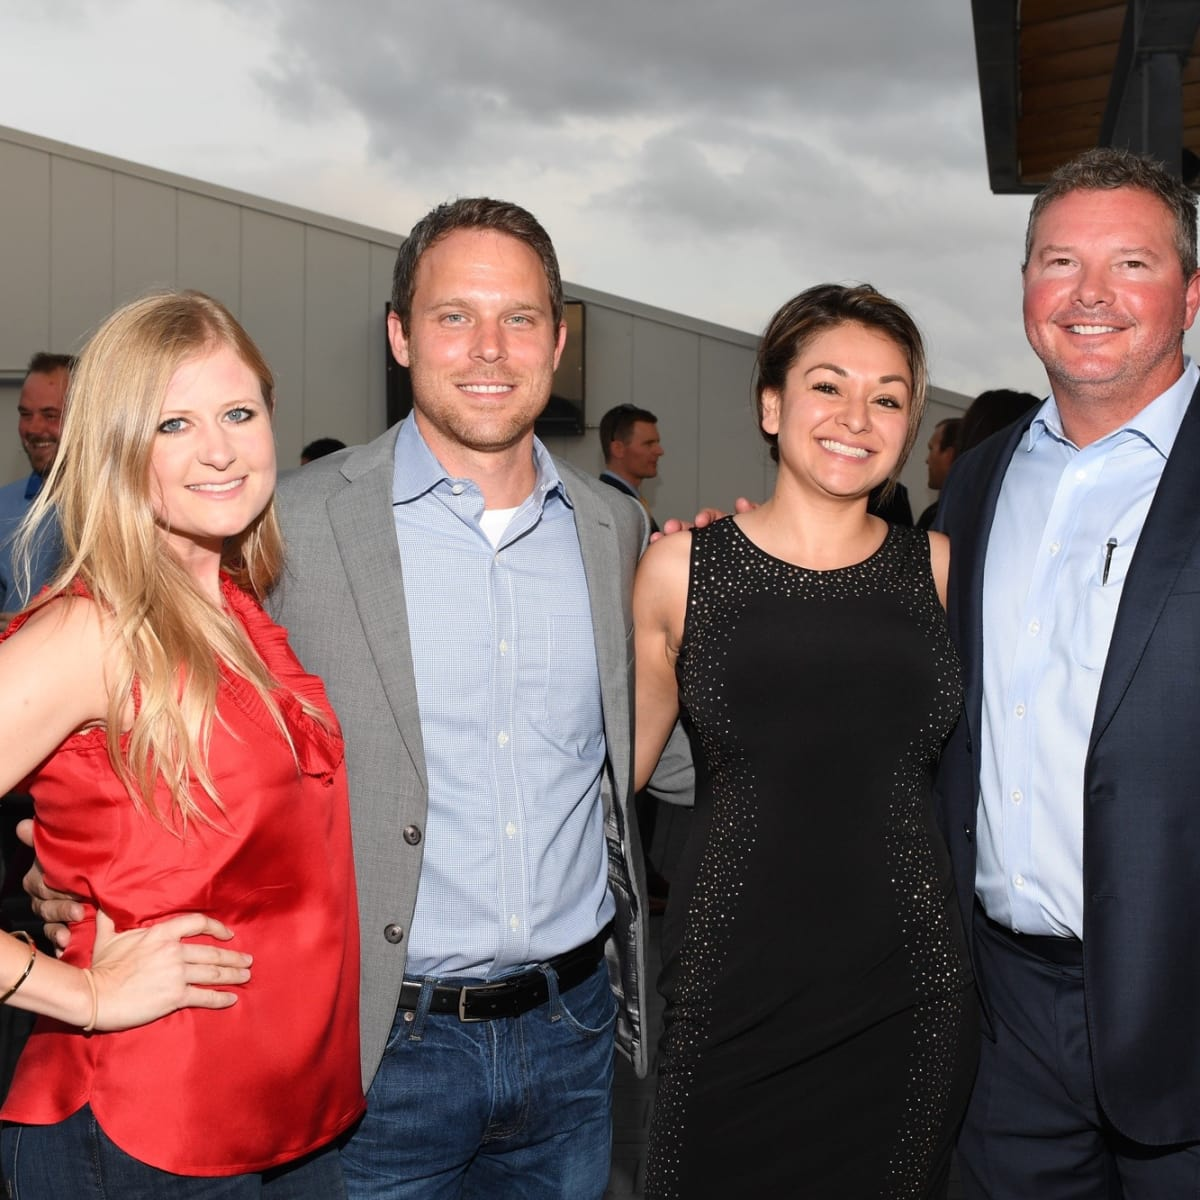 Mellisa Williams, Matt Murphy, Tina Mata, Mark Latham at Barbara Bush Foundation gala kickoff